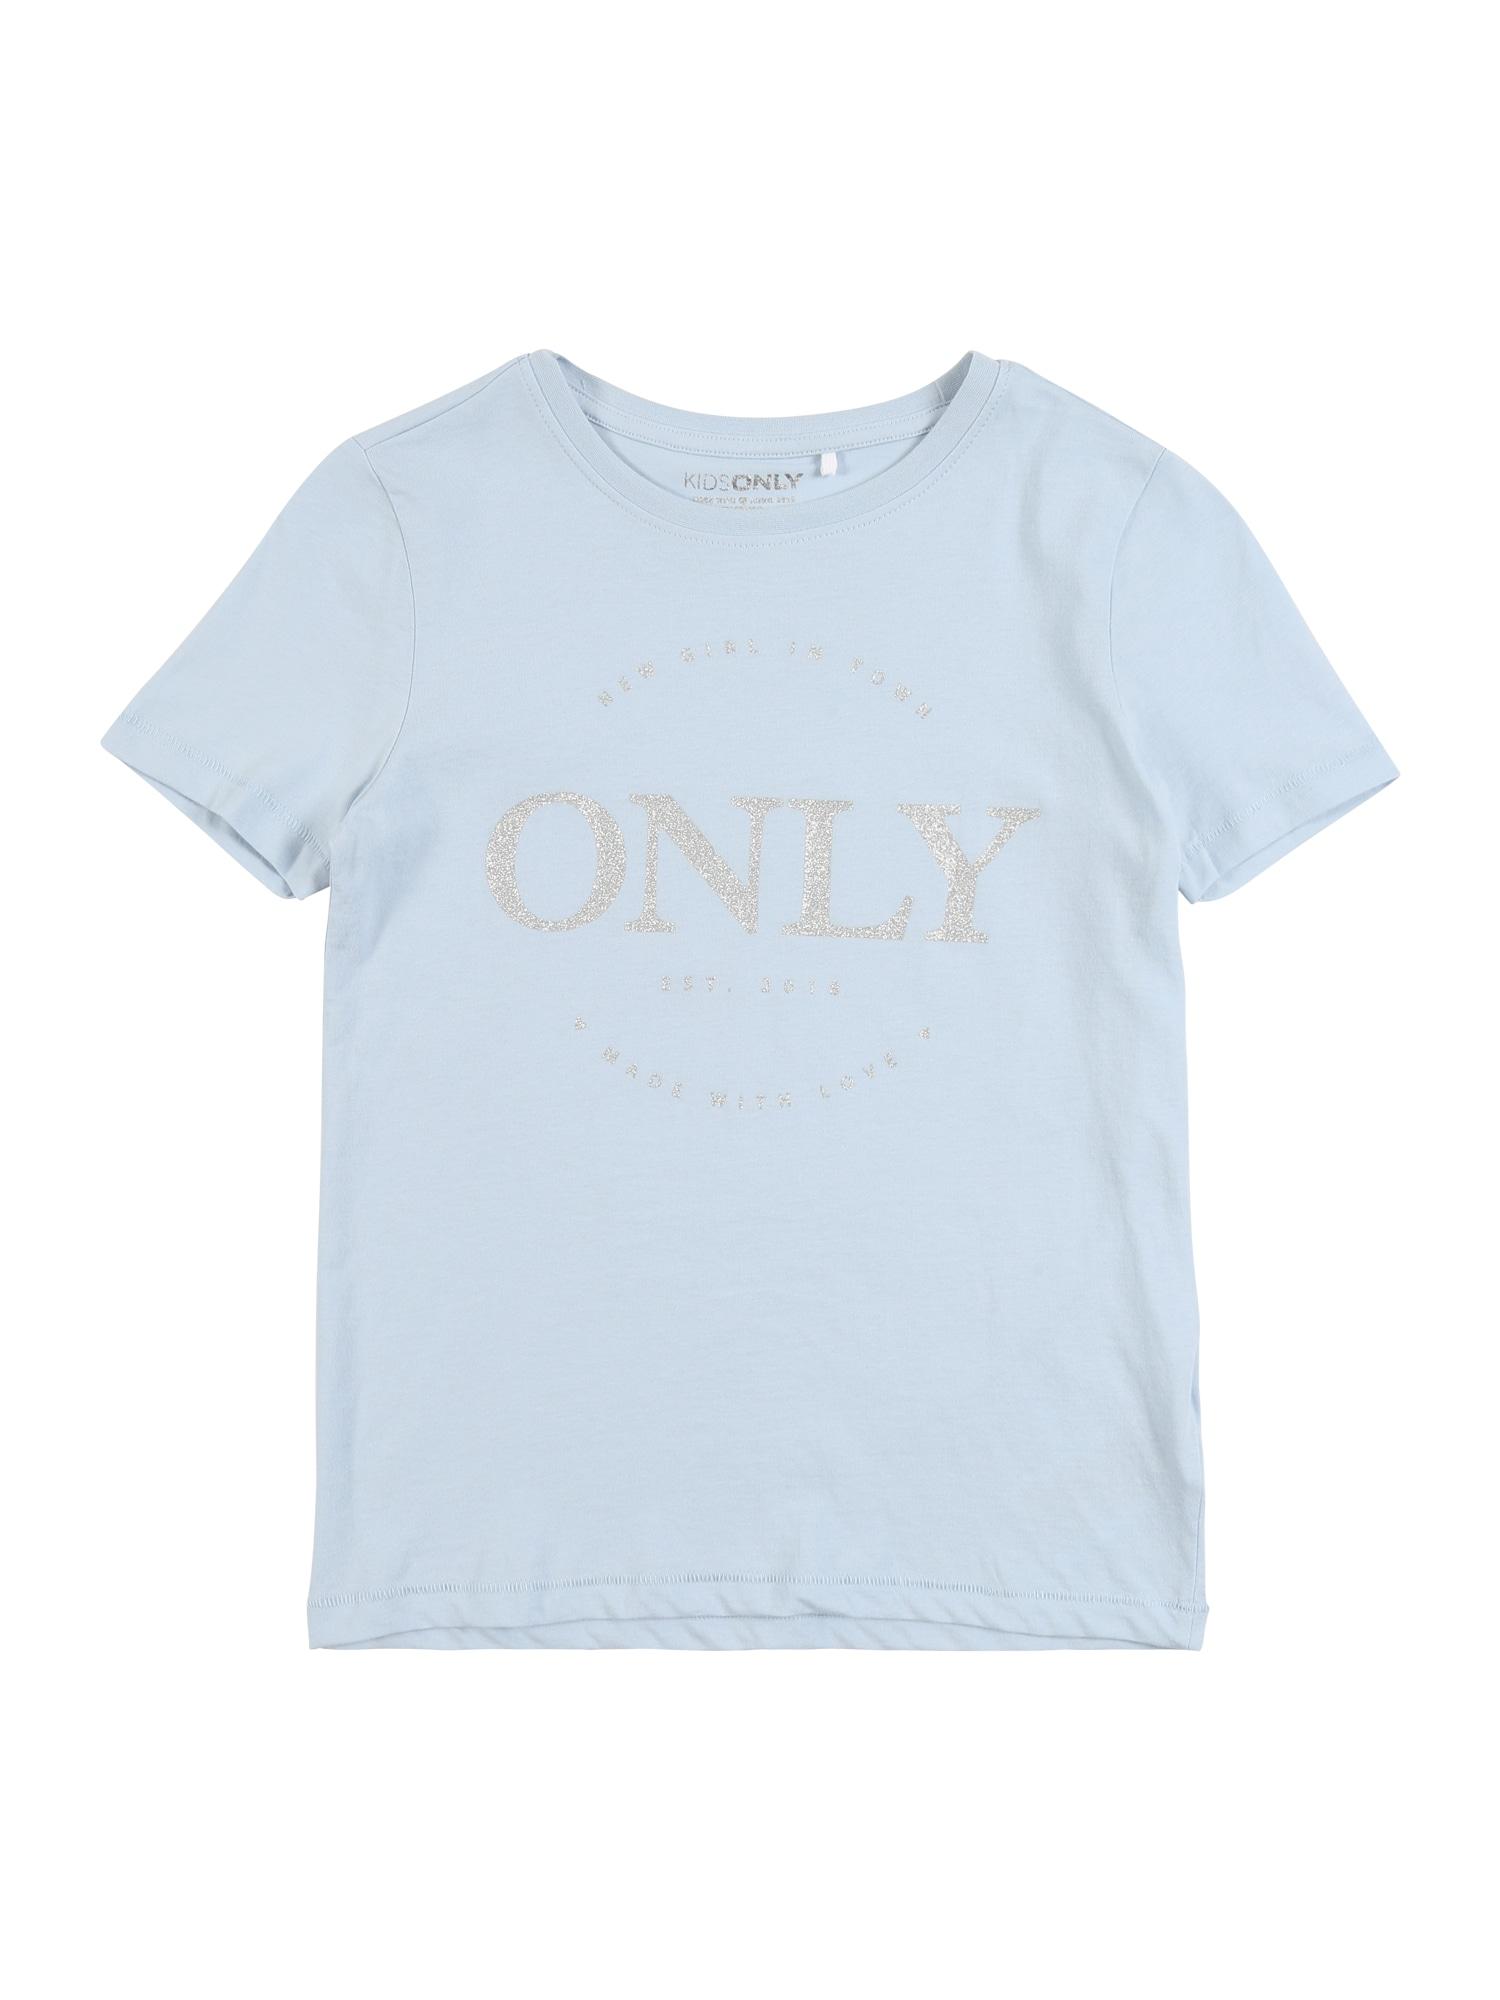 KIDS ONLY Marškinėliai šviesiai mėlyna